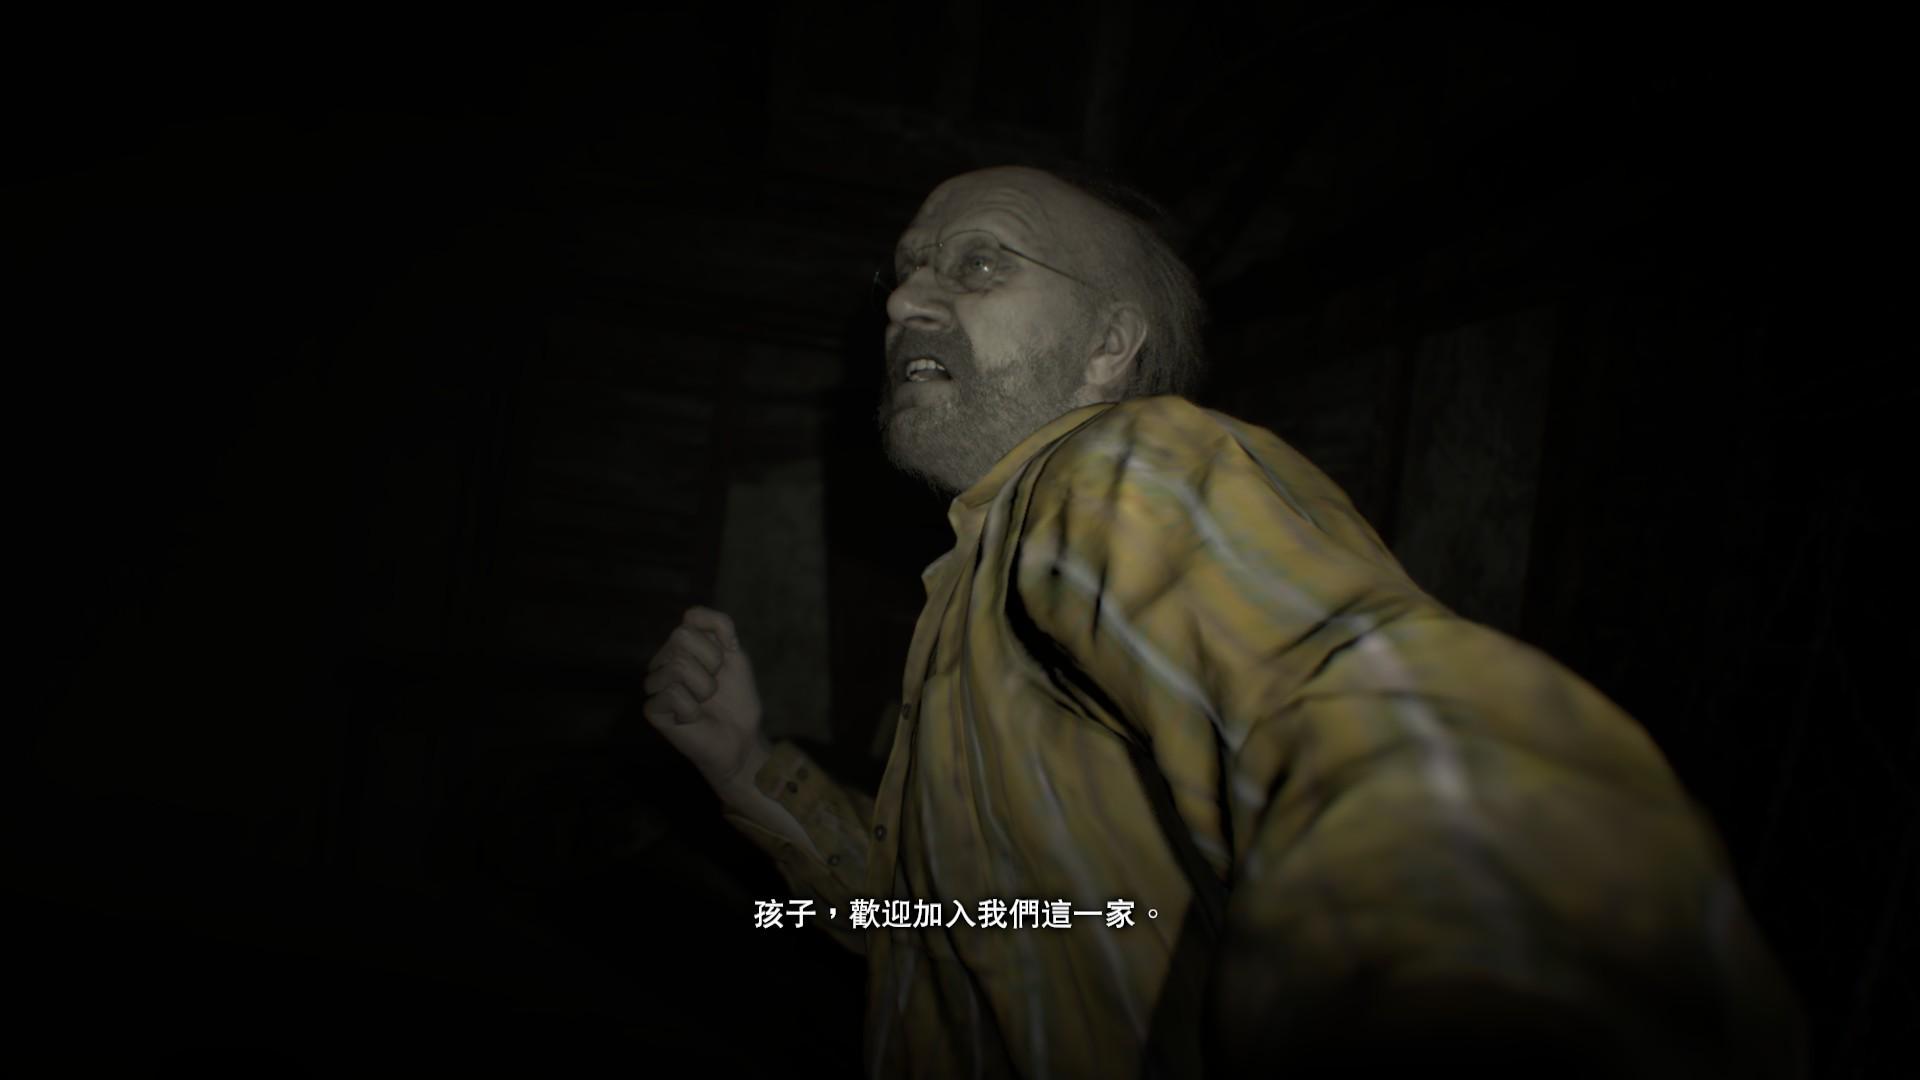 游戏《恶灵古堡7》最不像生化危机系列的大胆创新 (6)